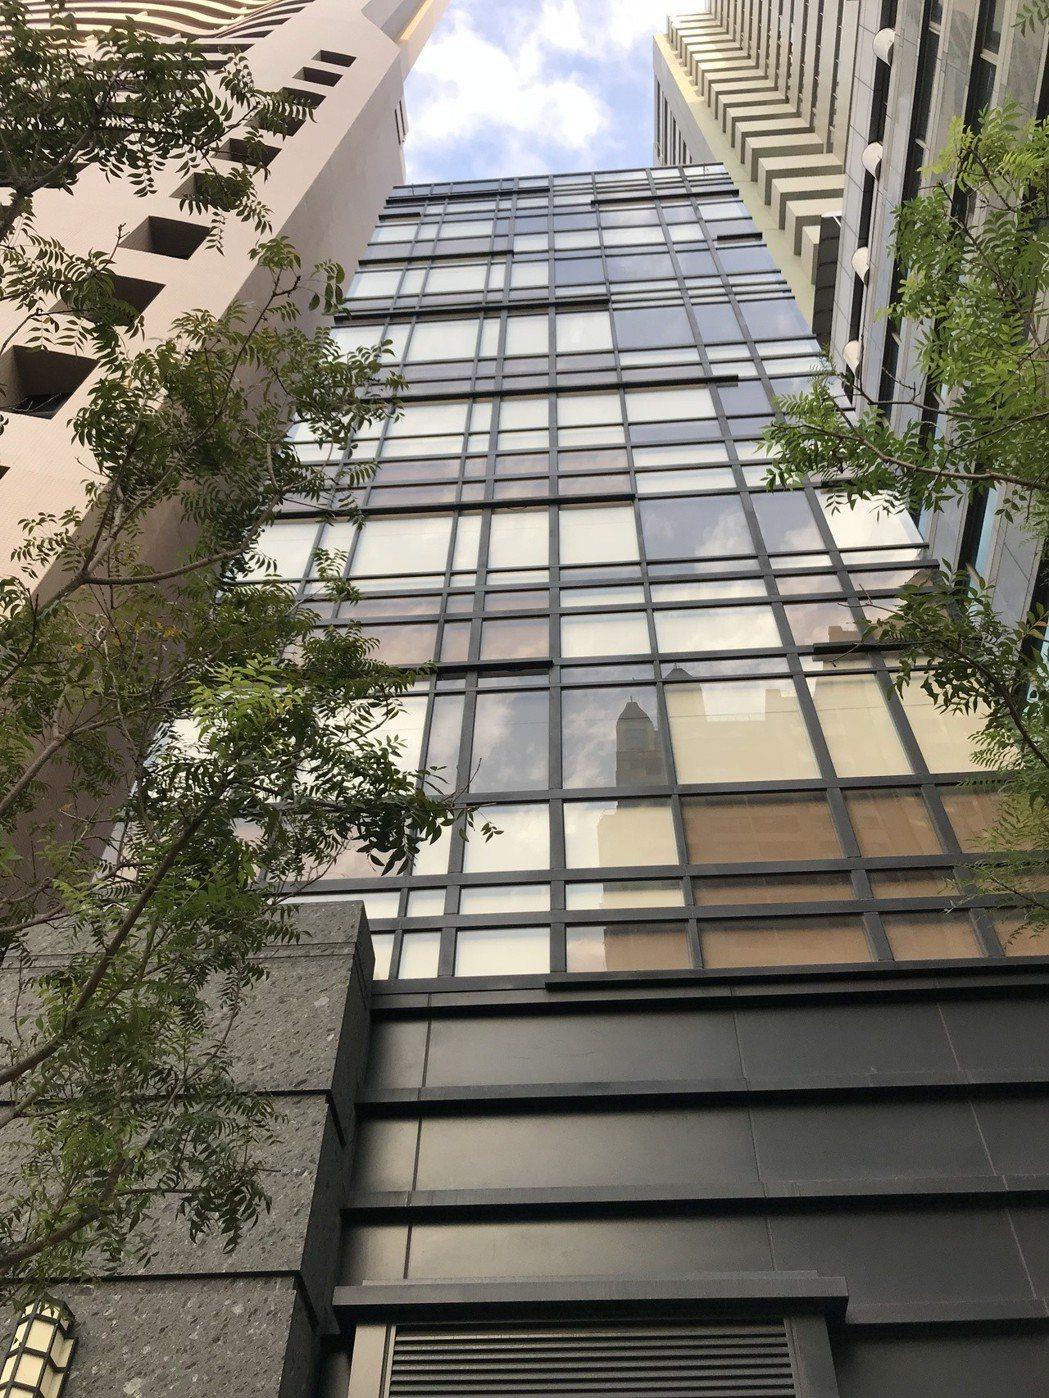 電梯式停車塔,是在寸土寸金的都會區另一個向天空發展的方向。 攝影/張世雅